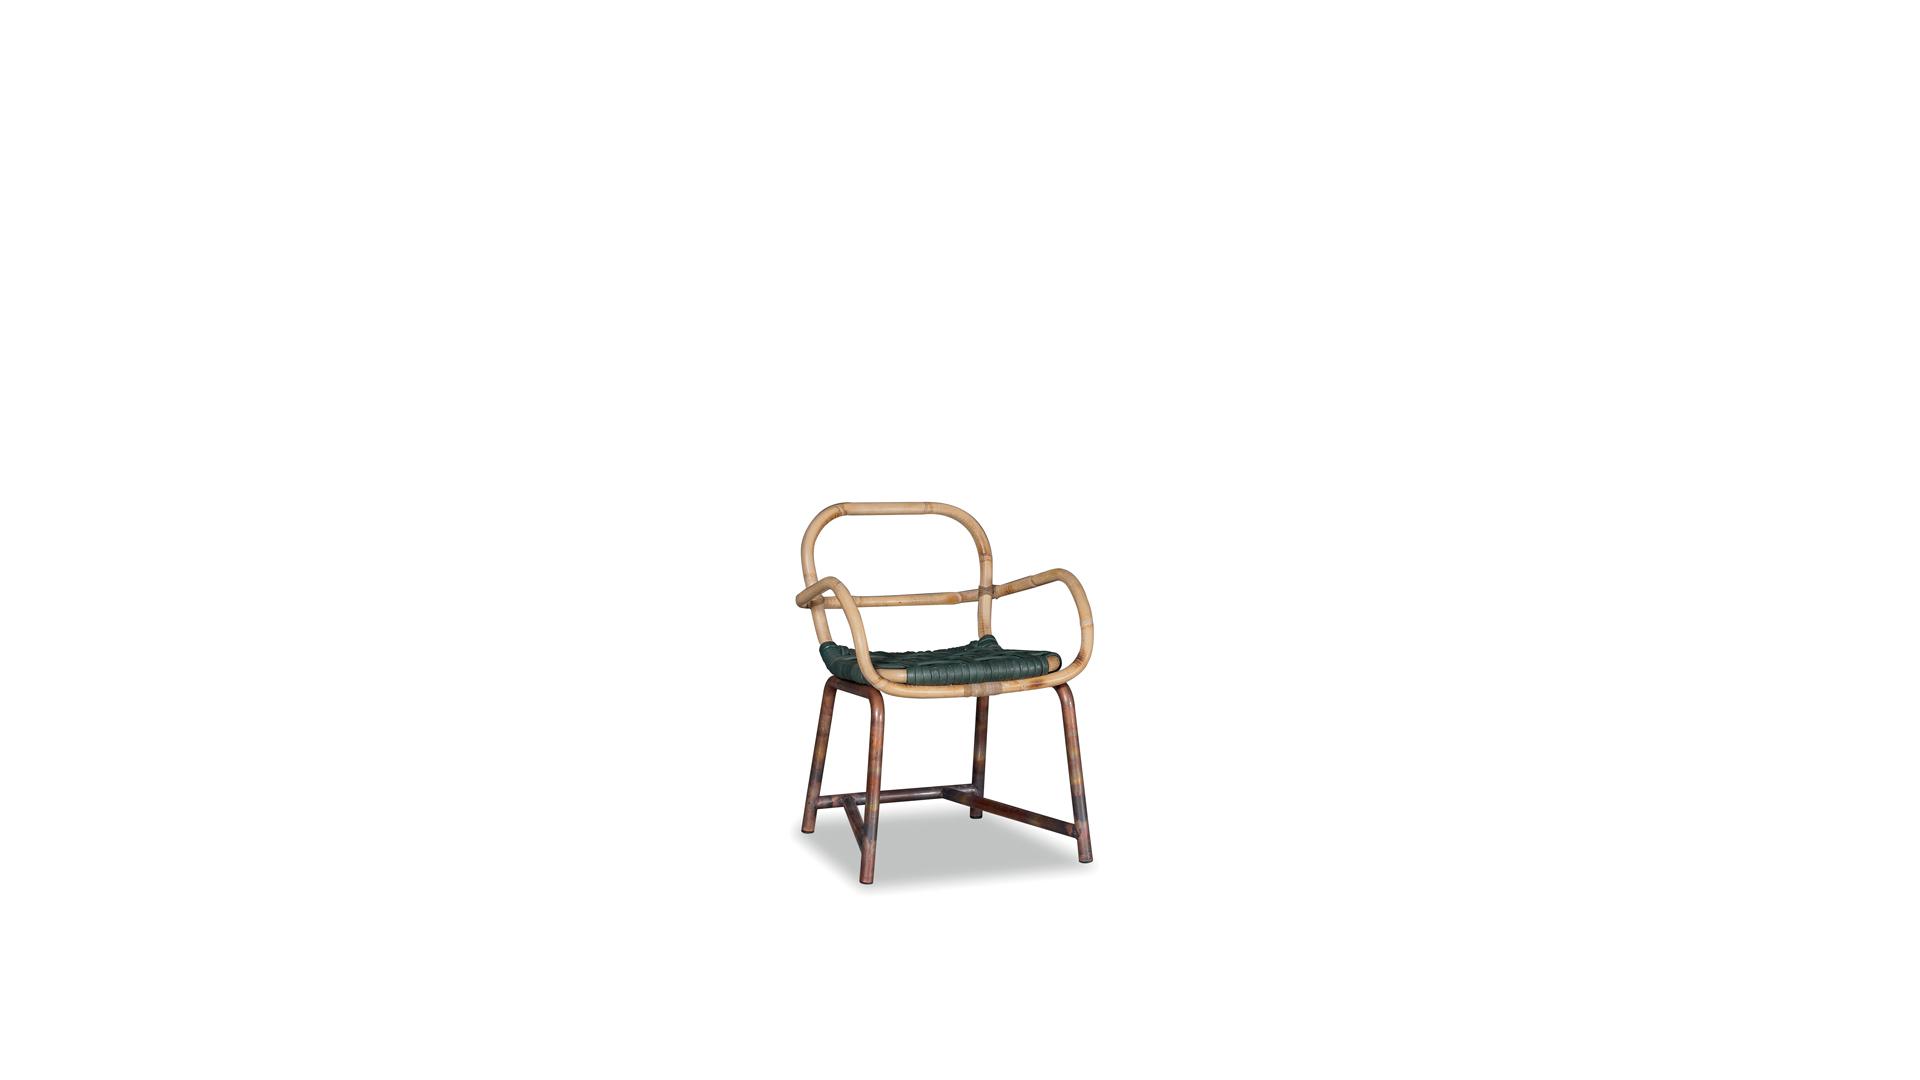 Manila chair 2.jpg